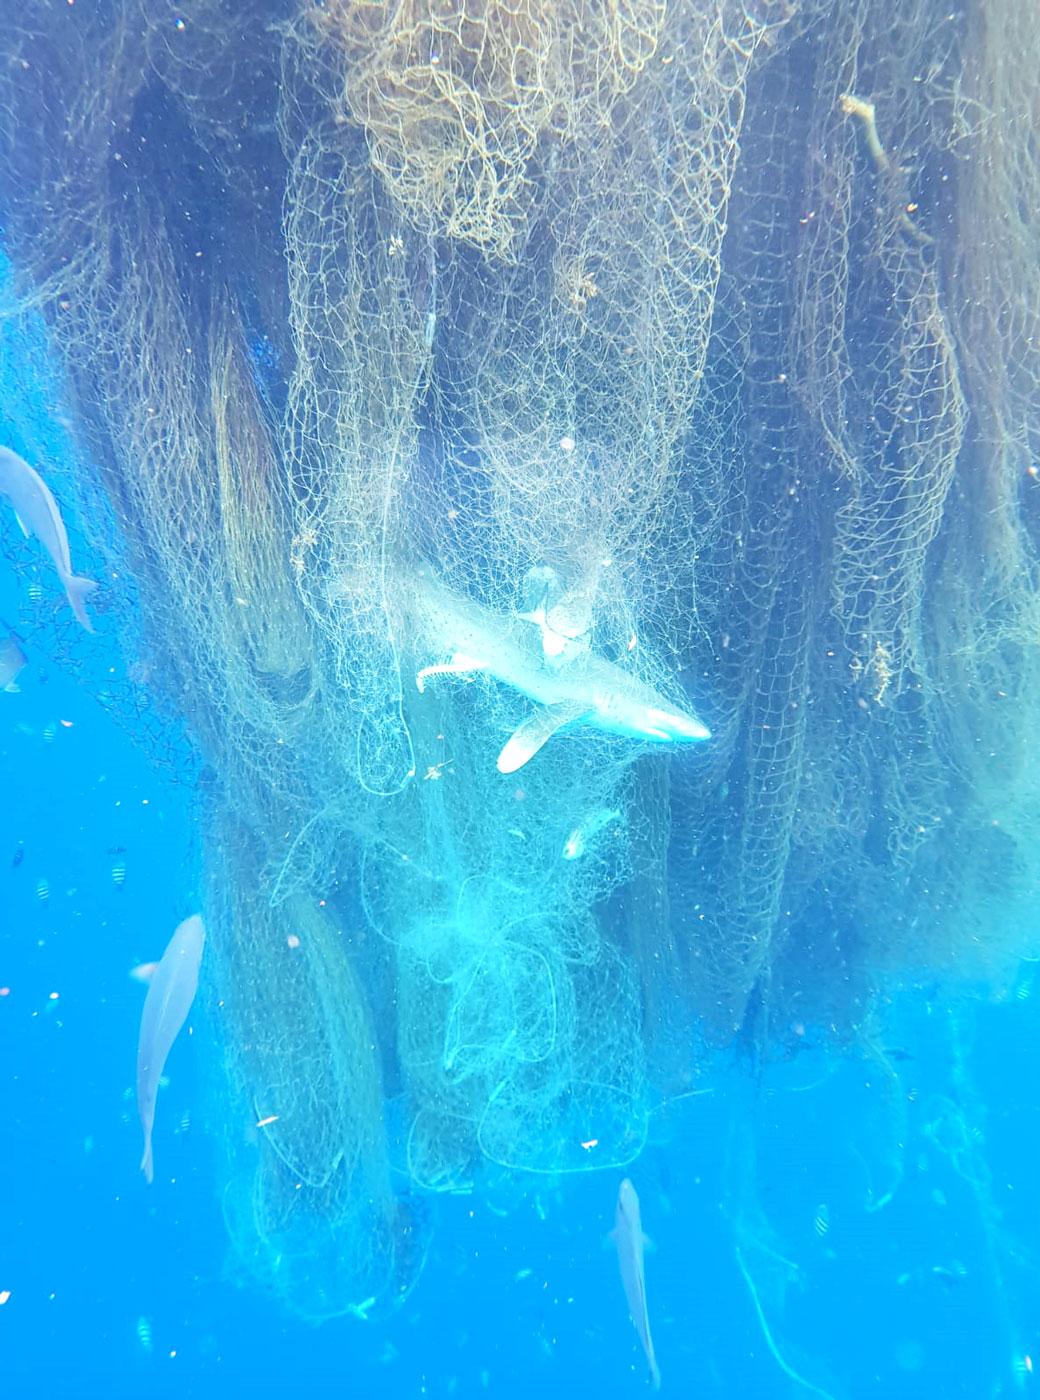 כריש ודגים נוספים כלואים ברשת דייגים